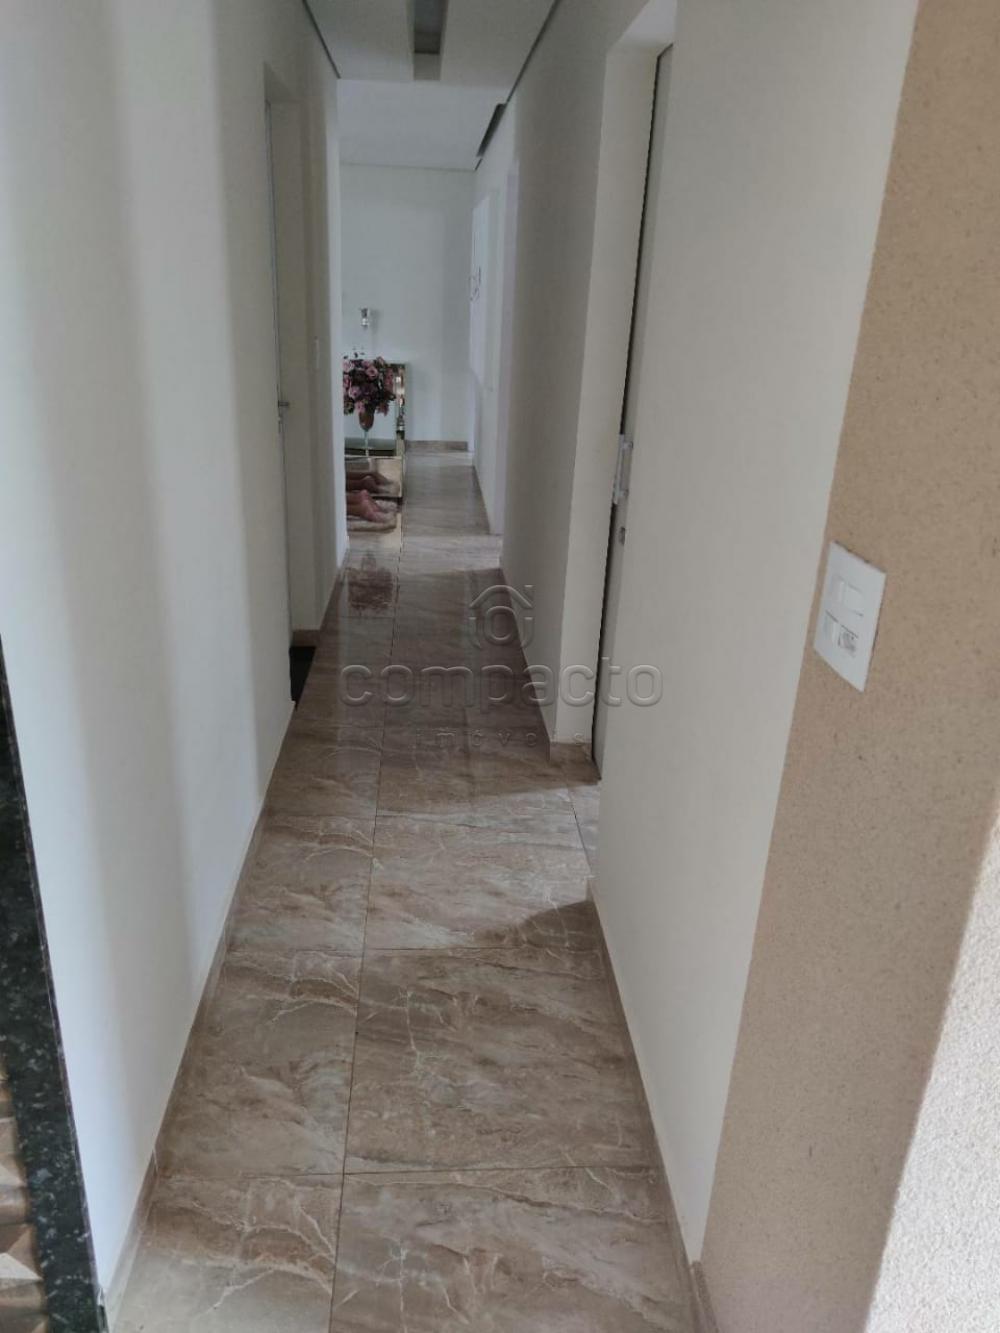 Comprar Casa / Padrão em Mirassol apenas R$ 350.000,00 - Foto 4